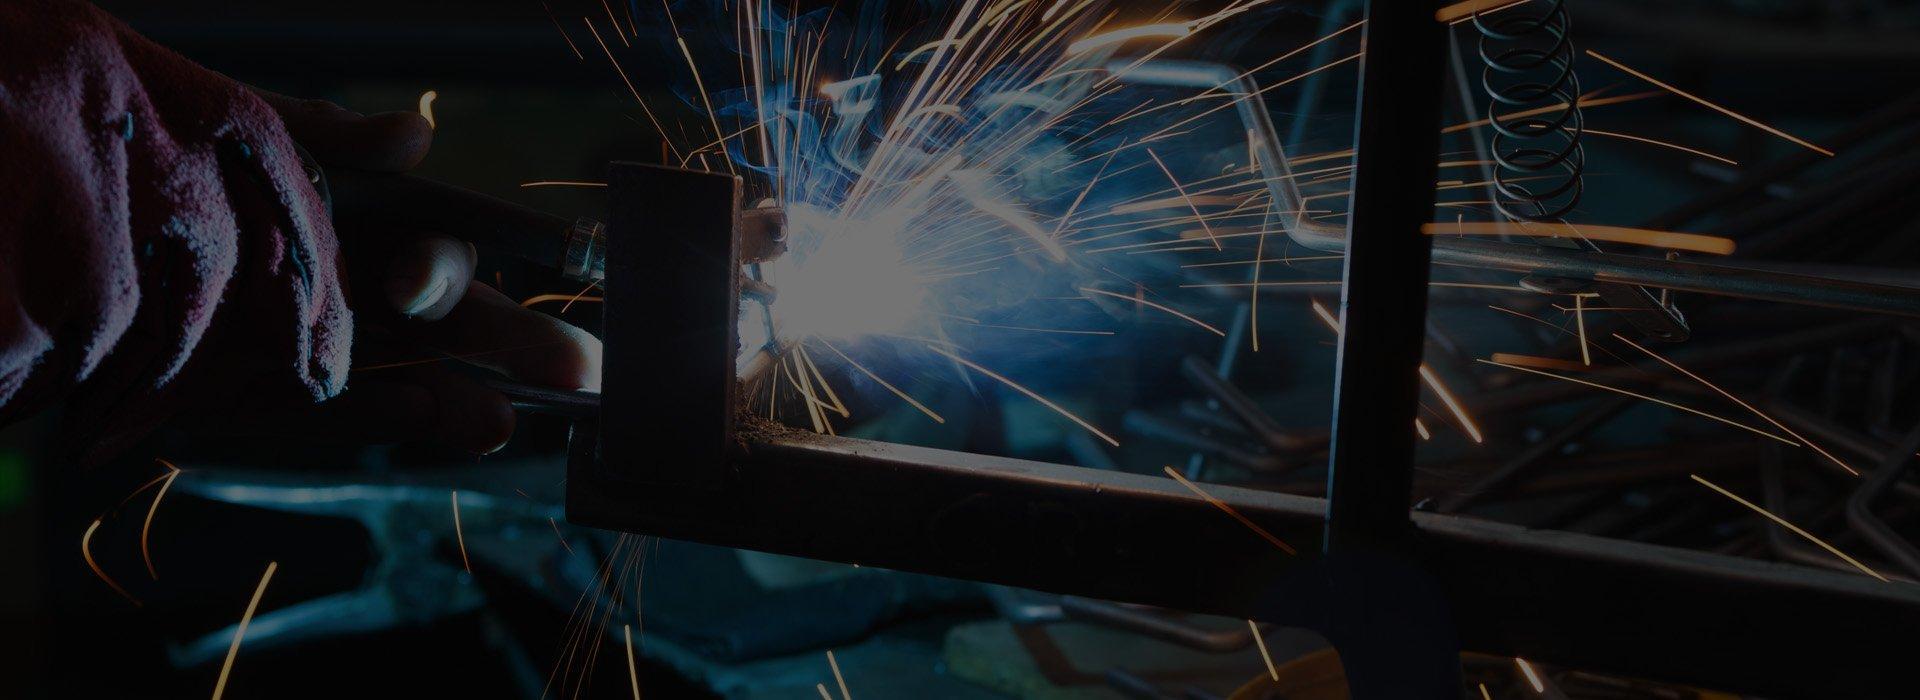 Piasecki i Syn - mechanika sceniczna, konstrukcje stalowe, zamówienia specjalne